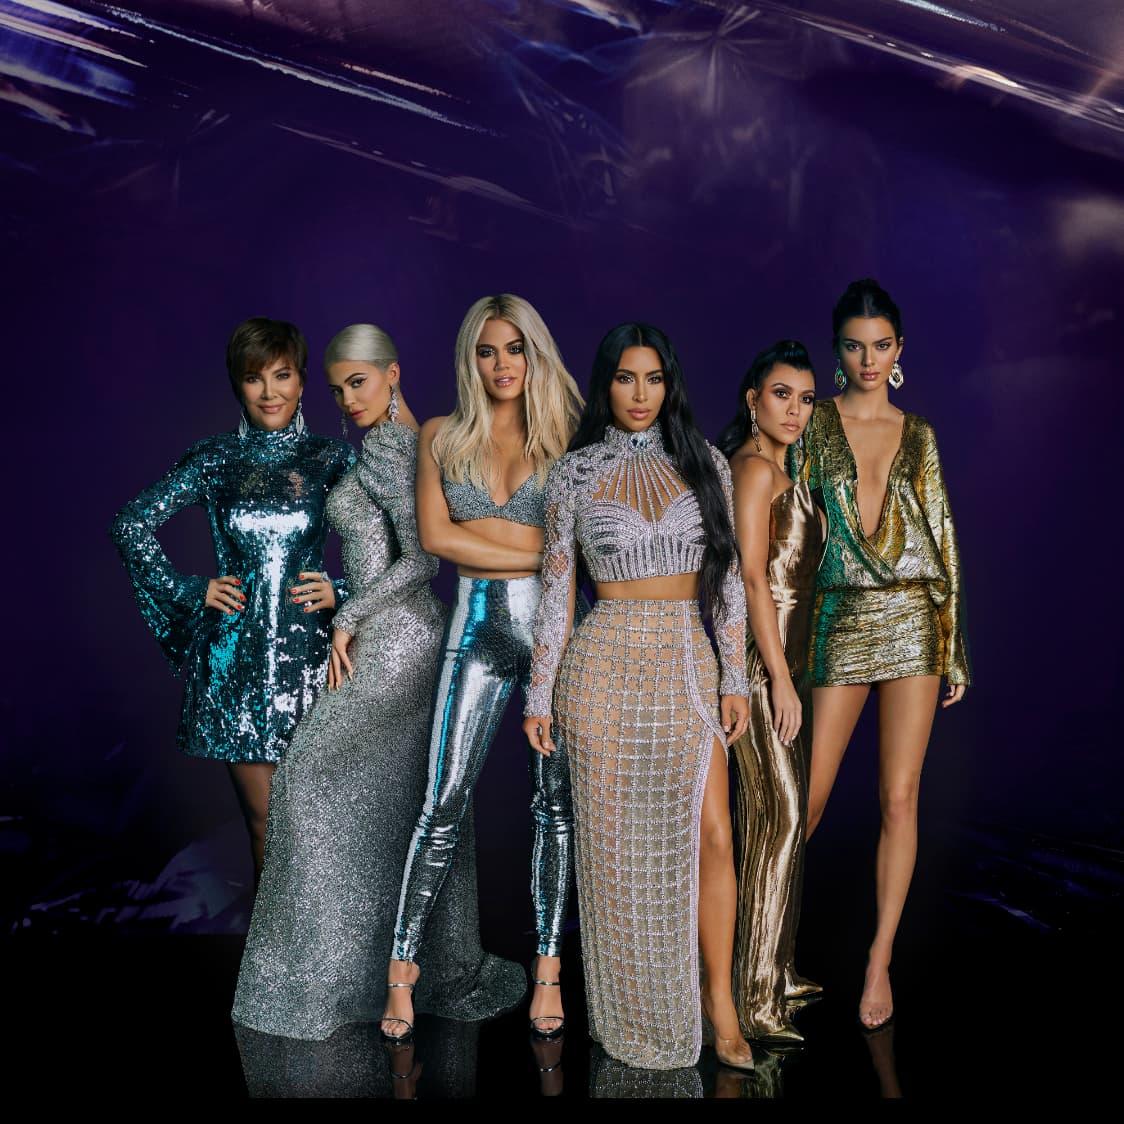 L'incroyable famille Kardashian : la saison 16 dès le 12 avril sur E!